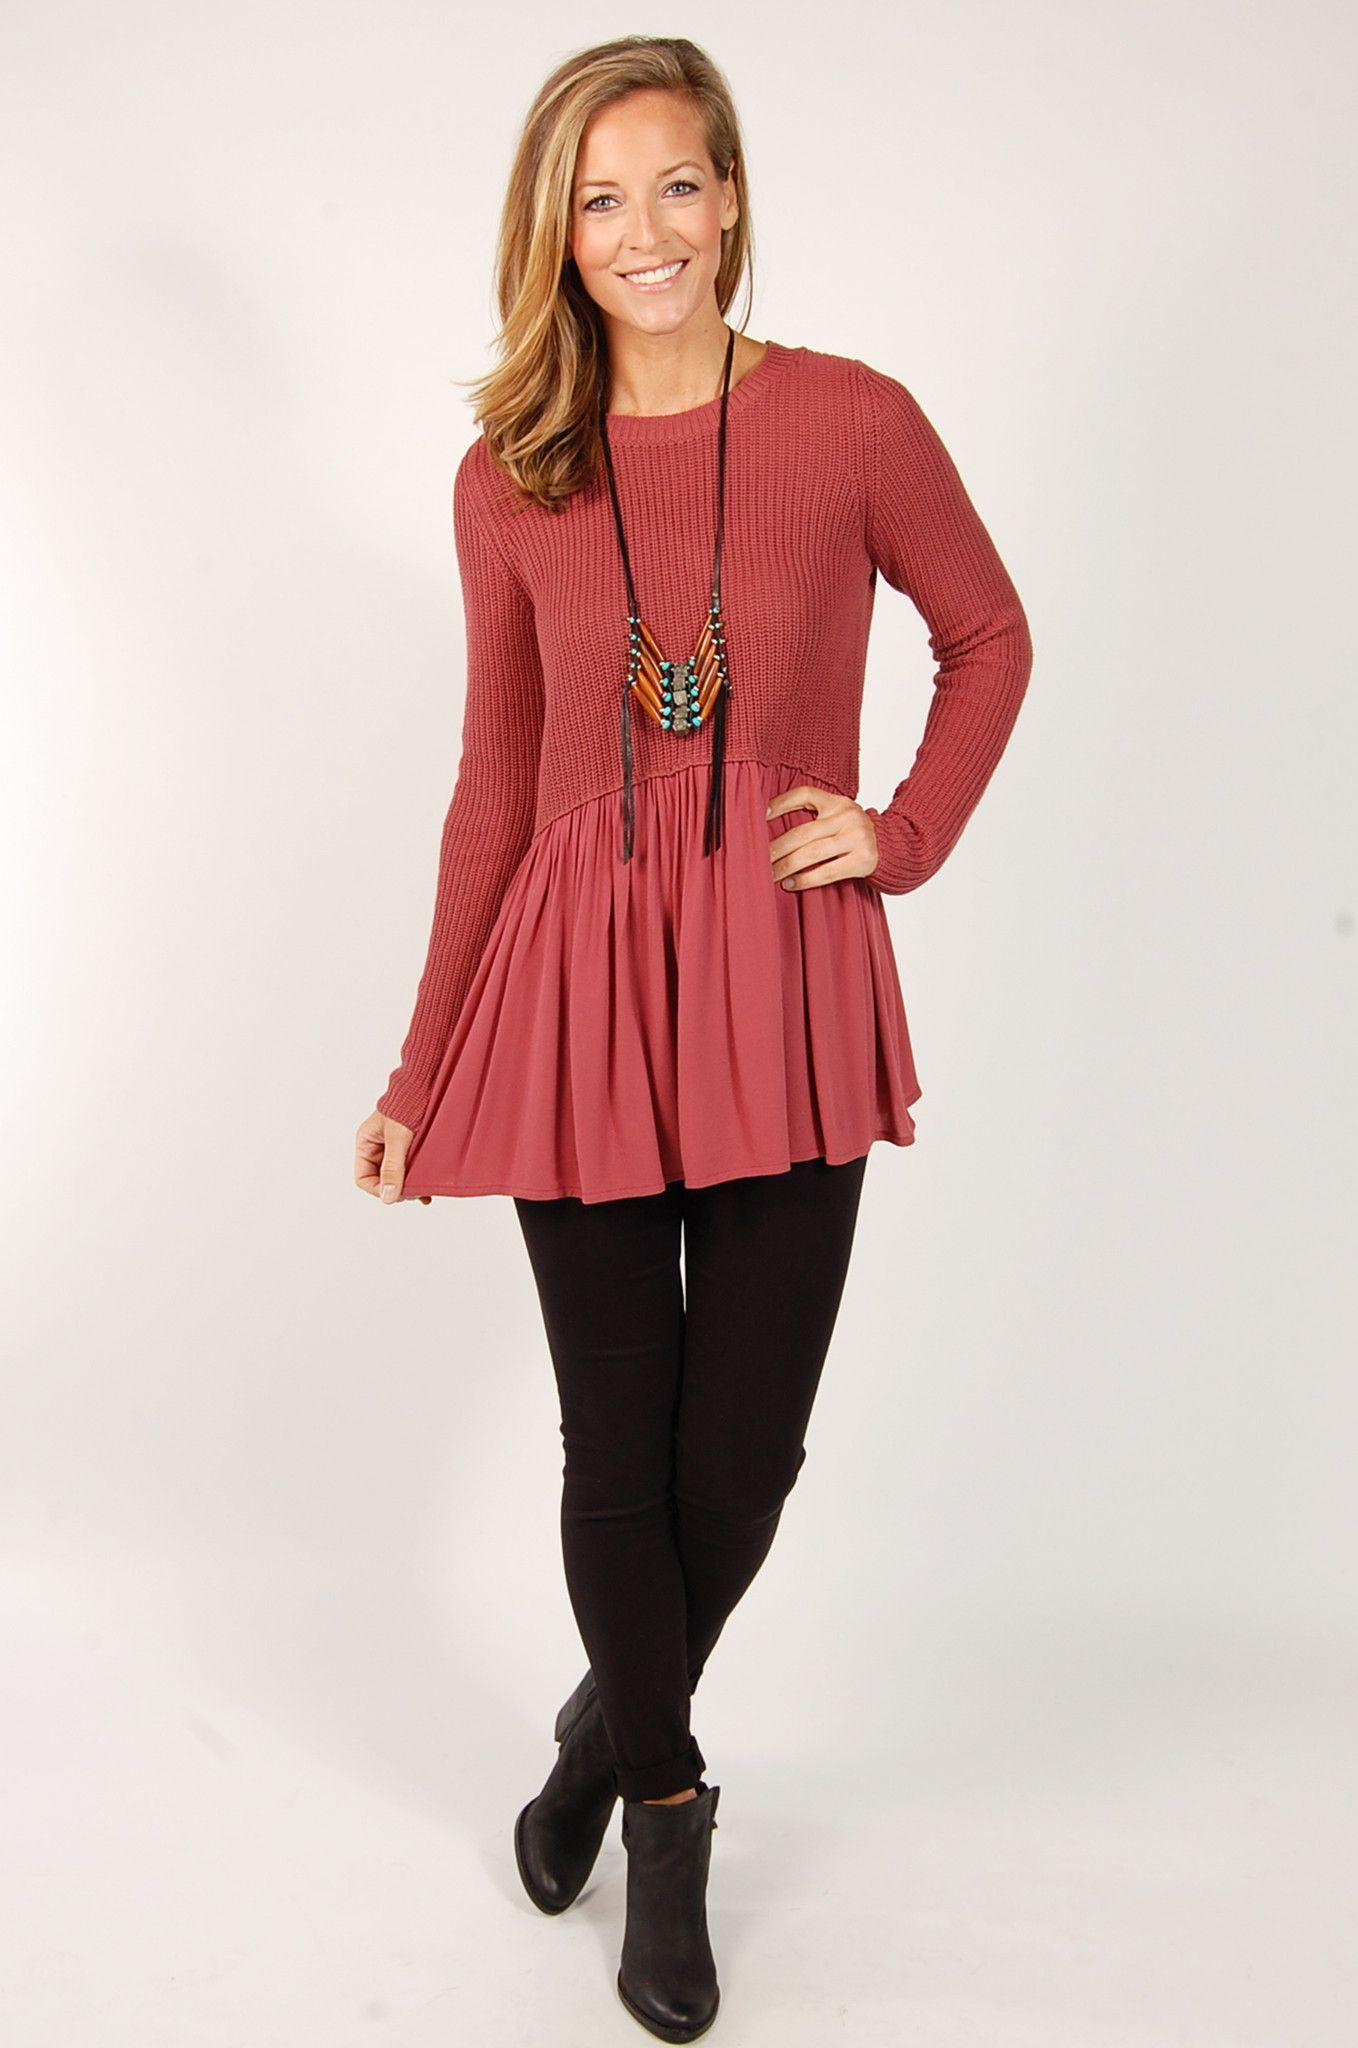 Rowen Sweater